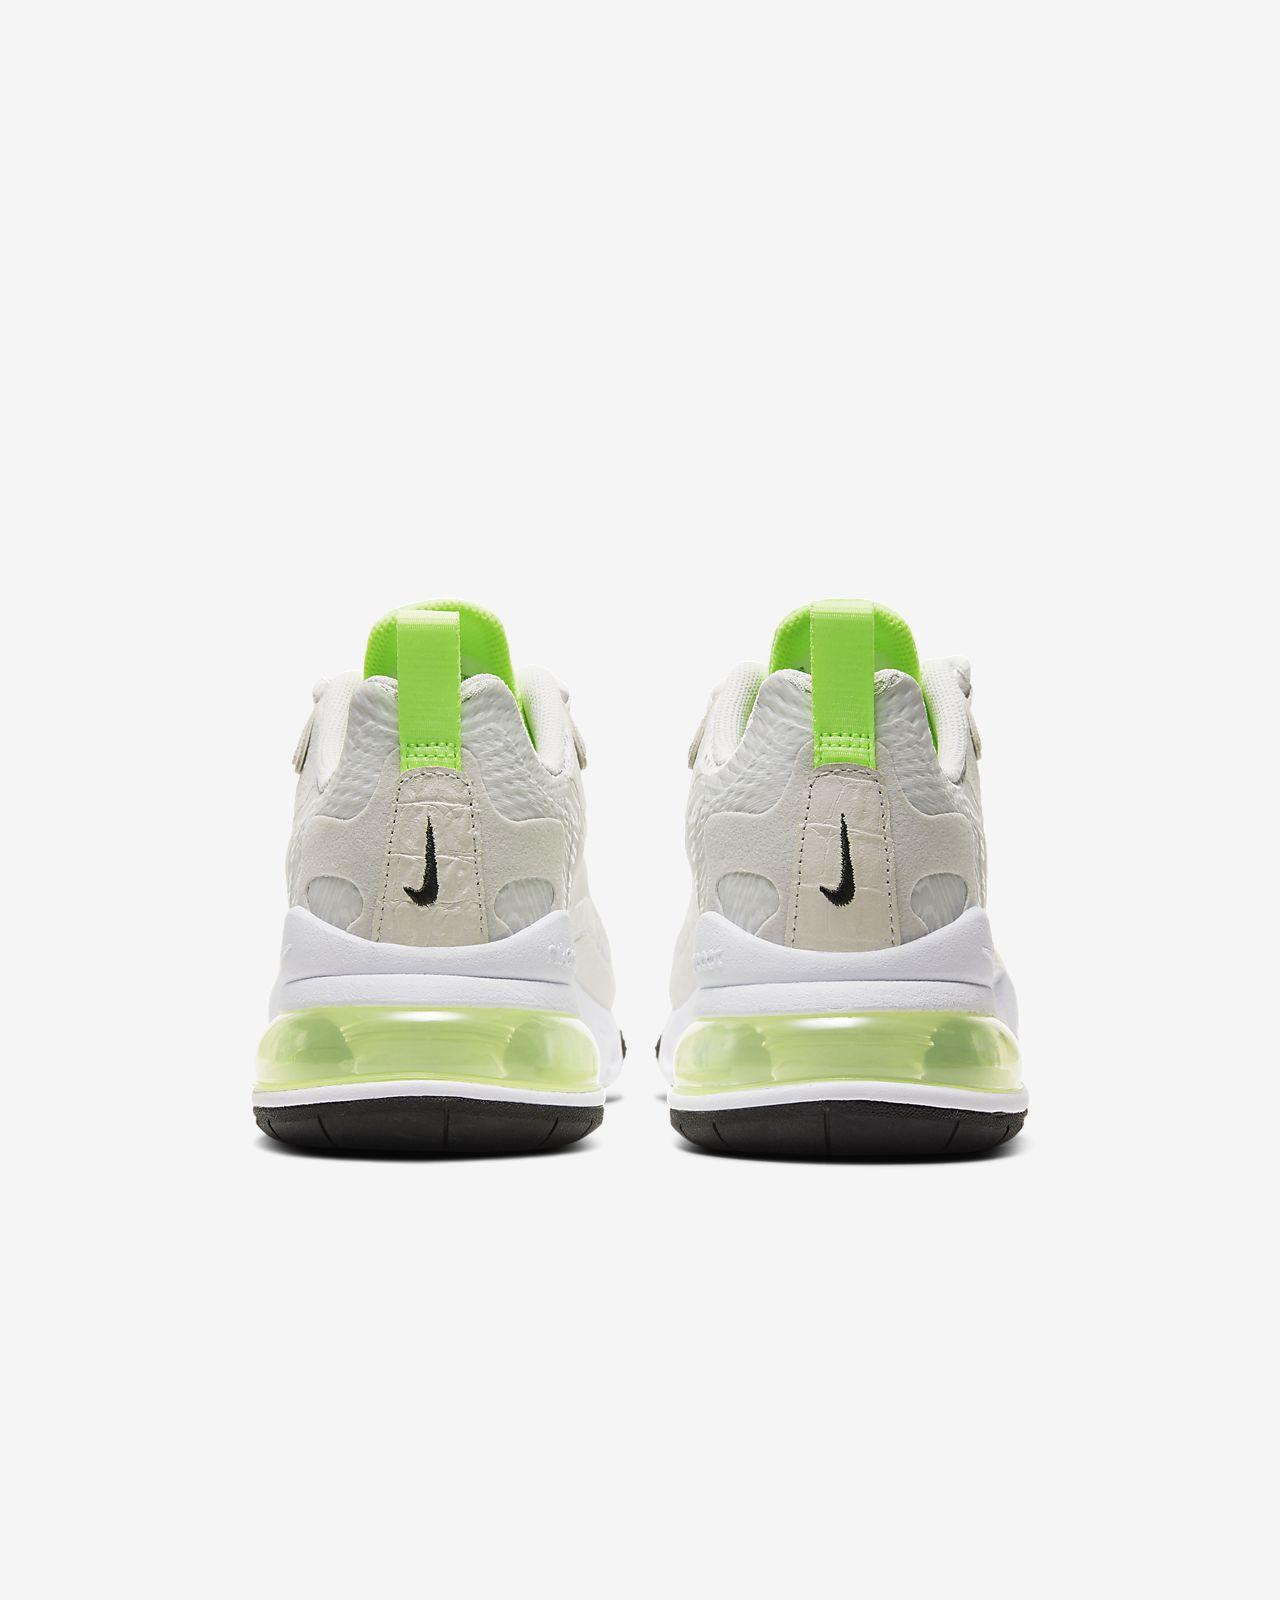 scarpe nike air max donna verde